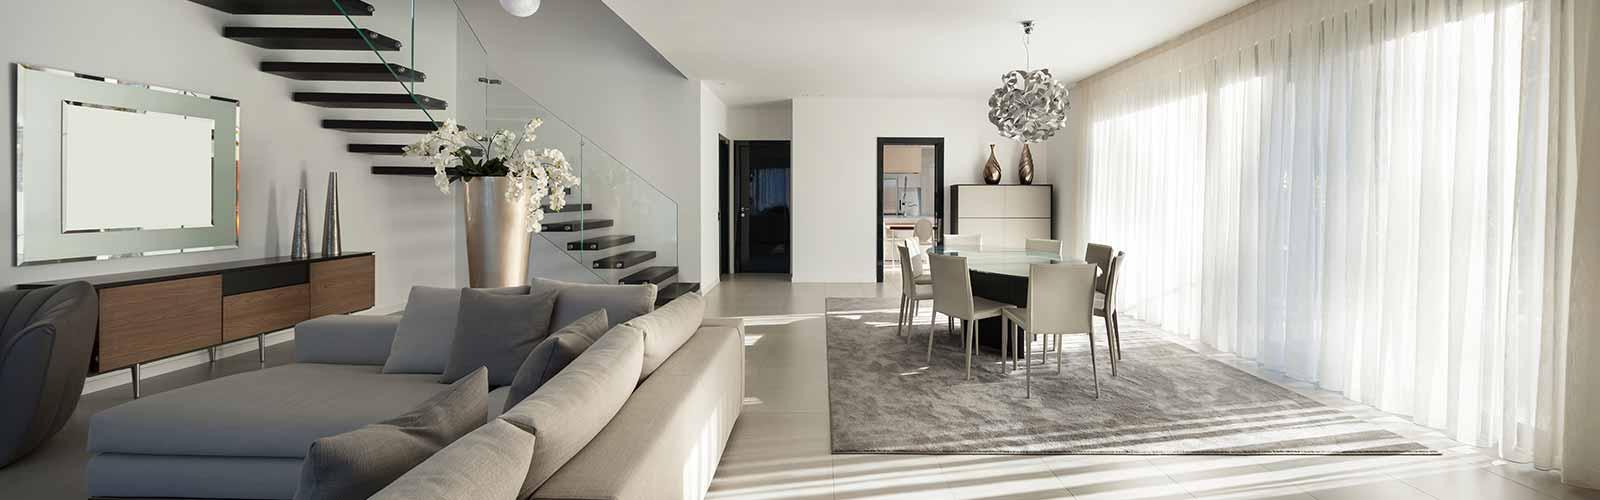 Modern eingerichtetes Wohn- und Esszimmer